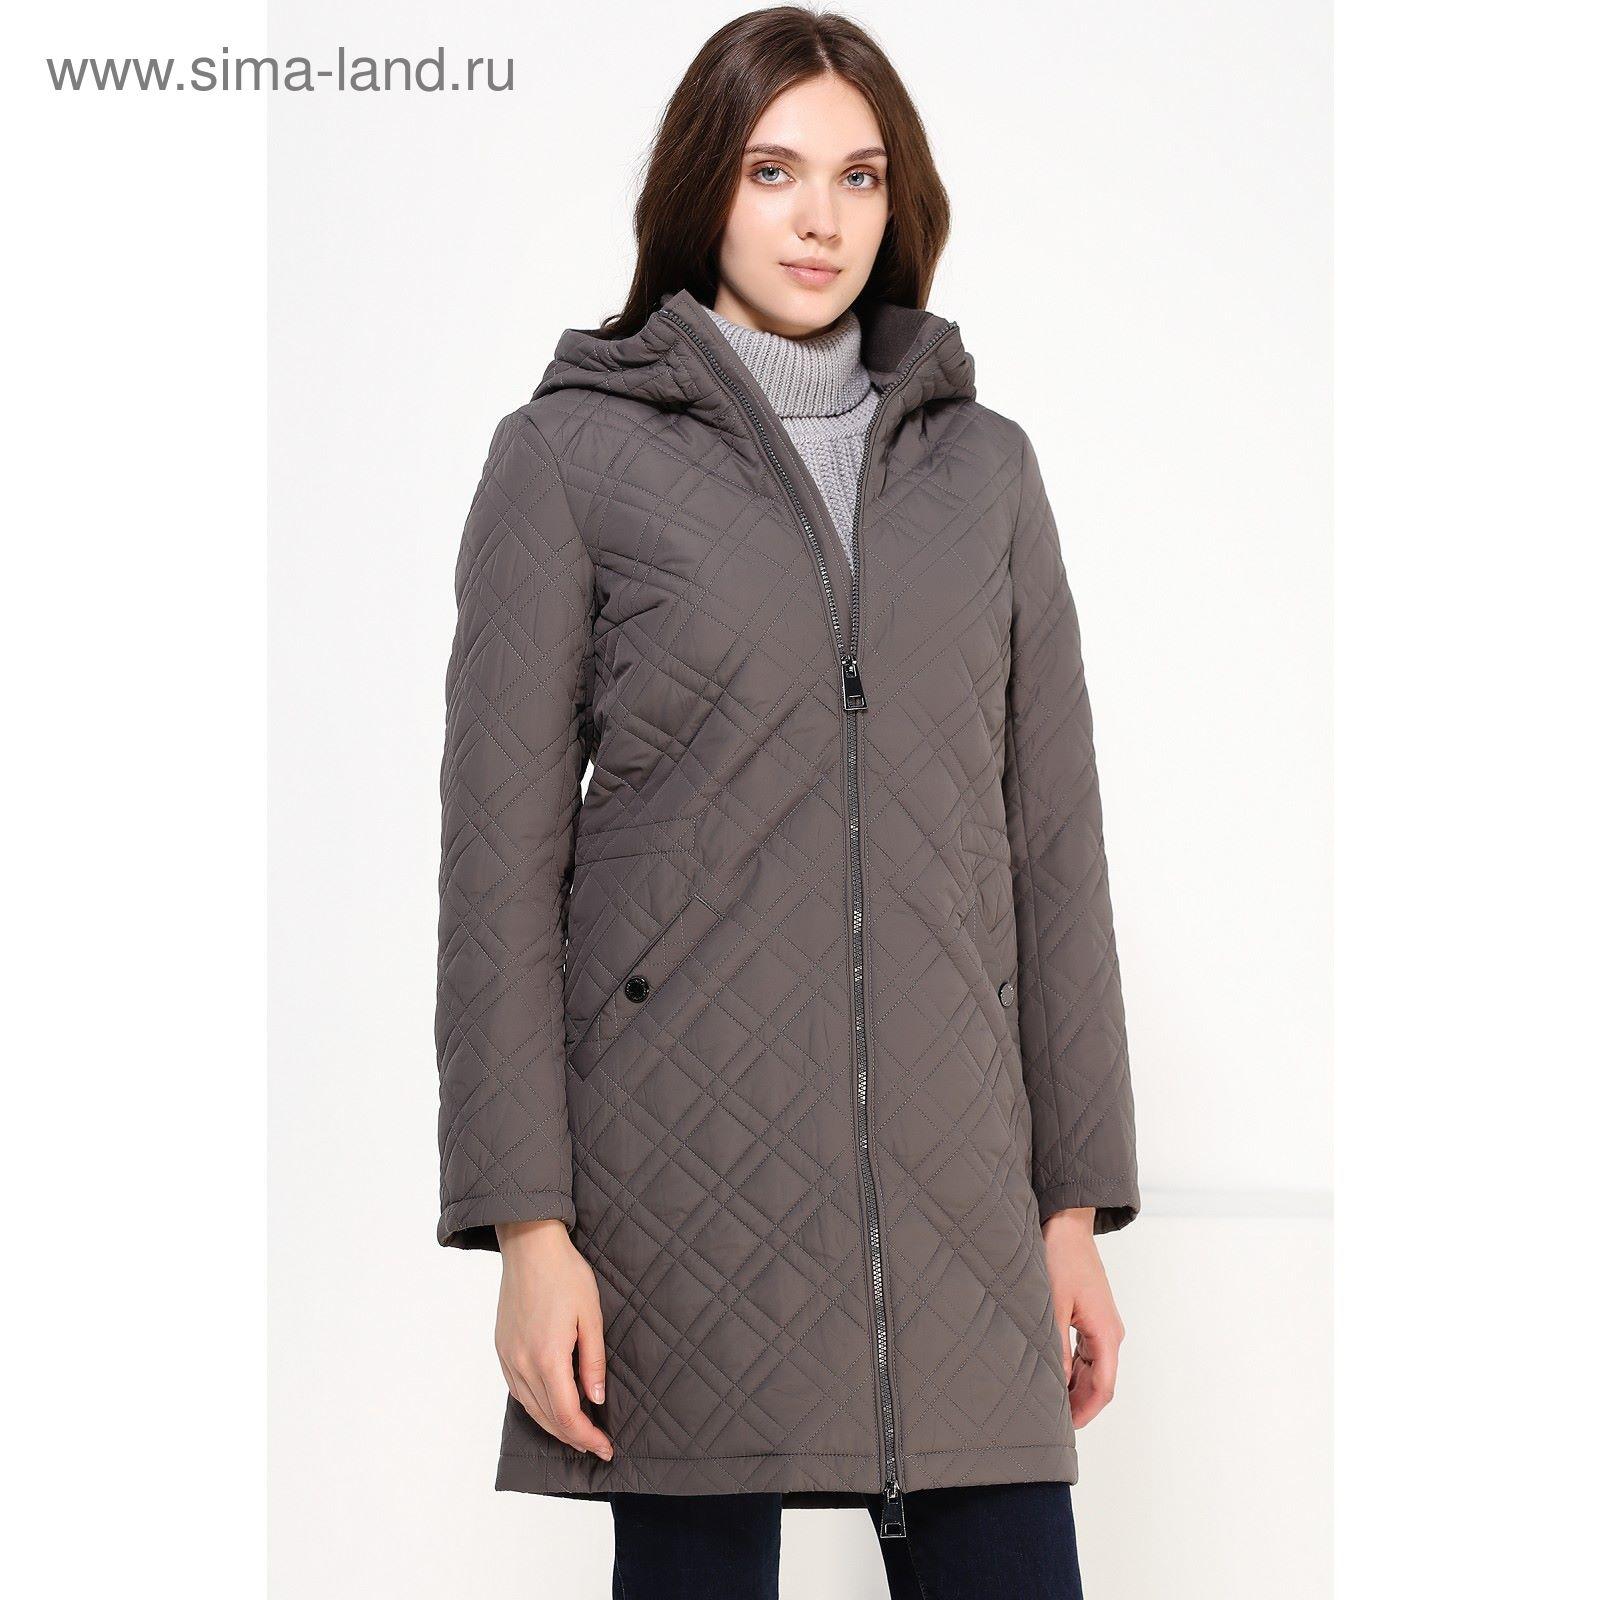 Пальто женское, цвет тёмно-серый, размер M A16-170000 826 (1729861 ... ac627d54f2d